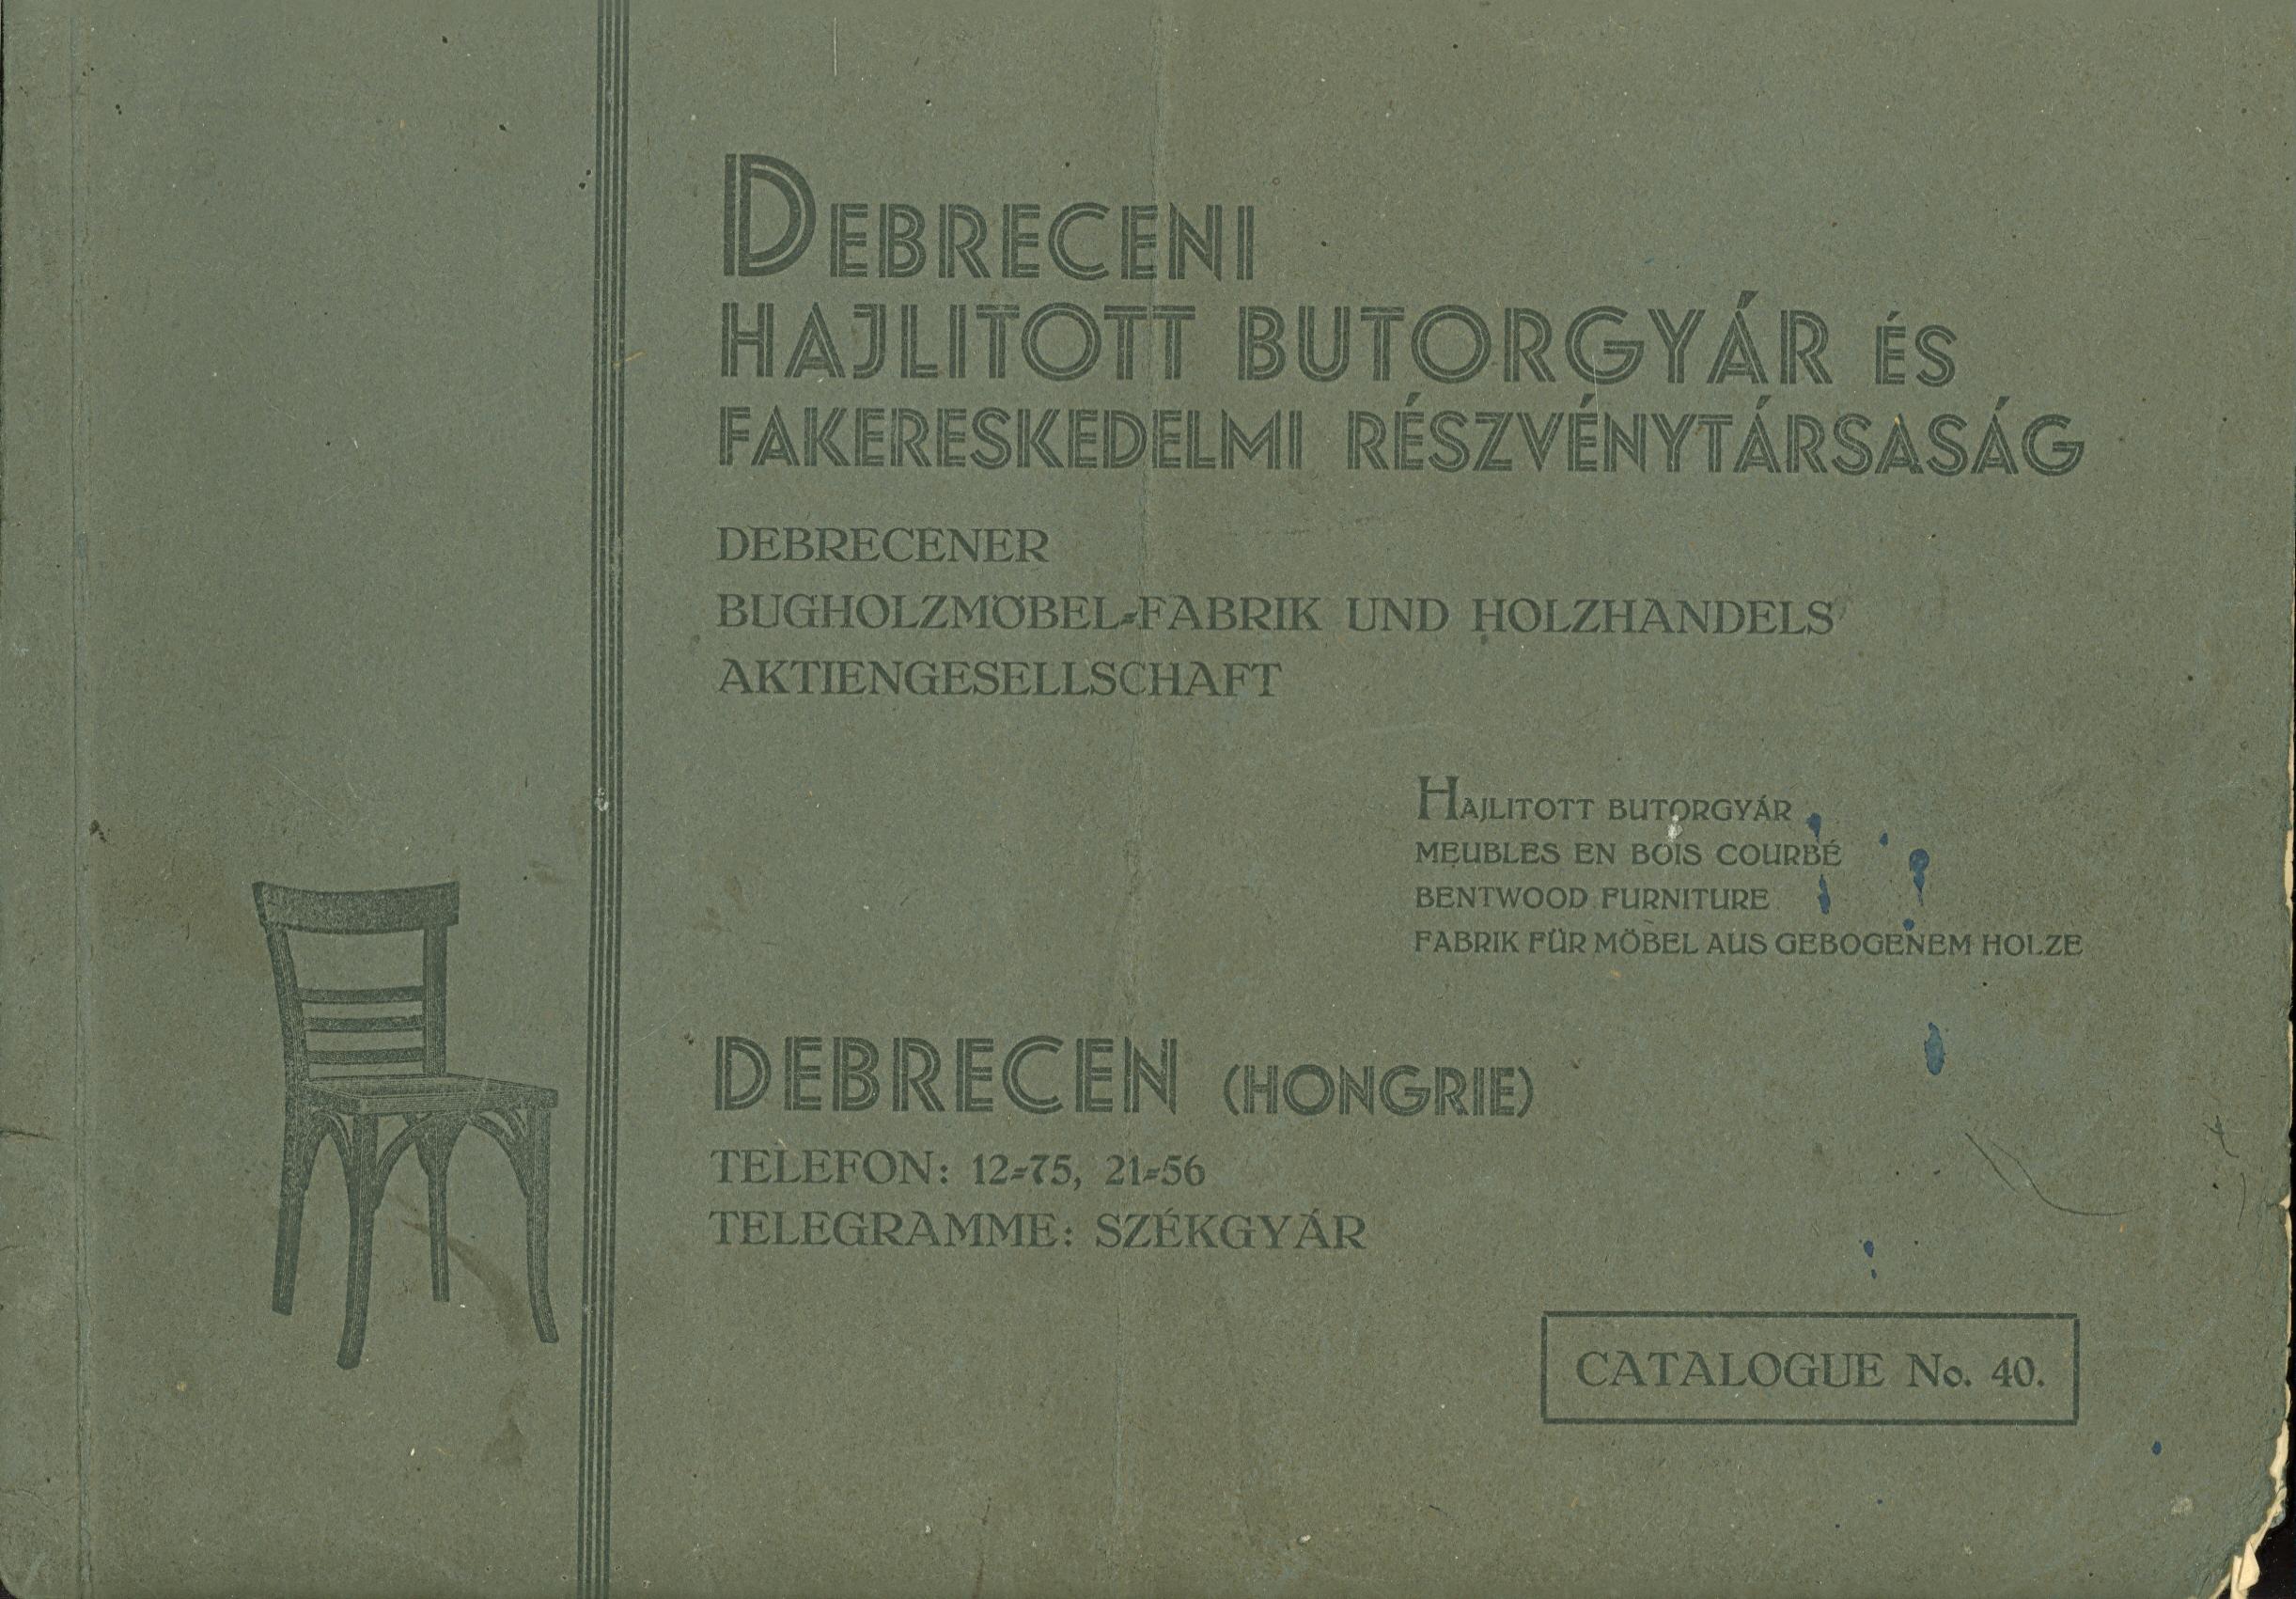 Debreceni Hajlított Bútorgyár No40 – Régi árjegyzékek